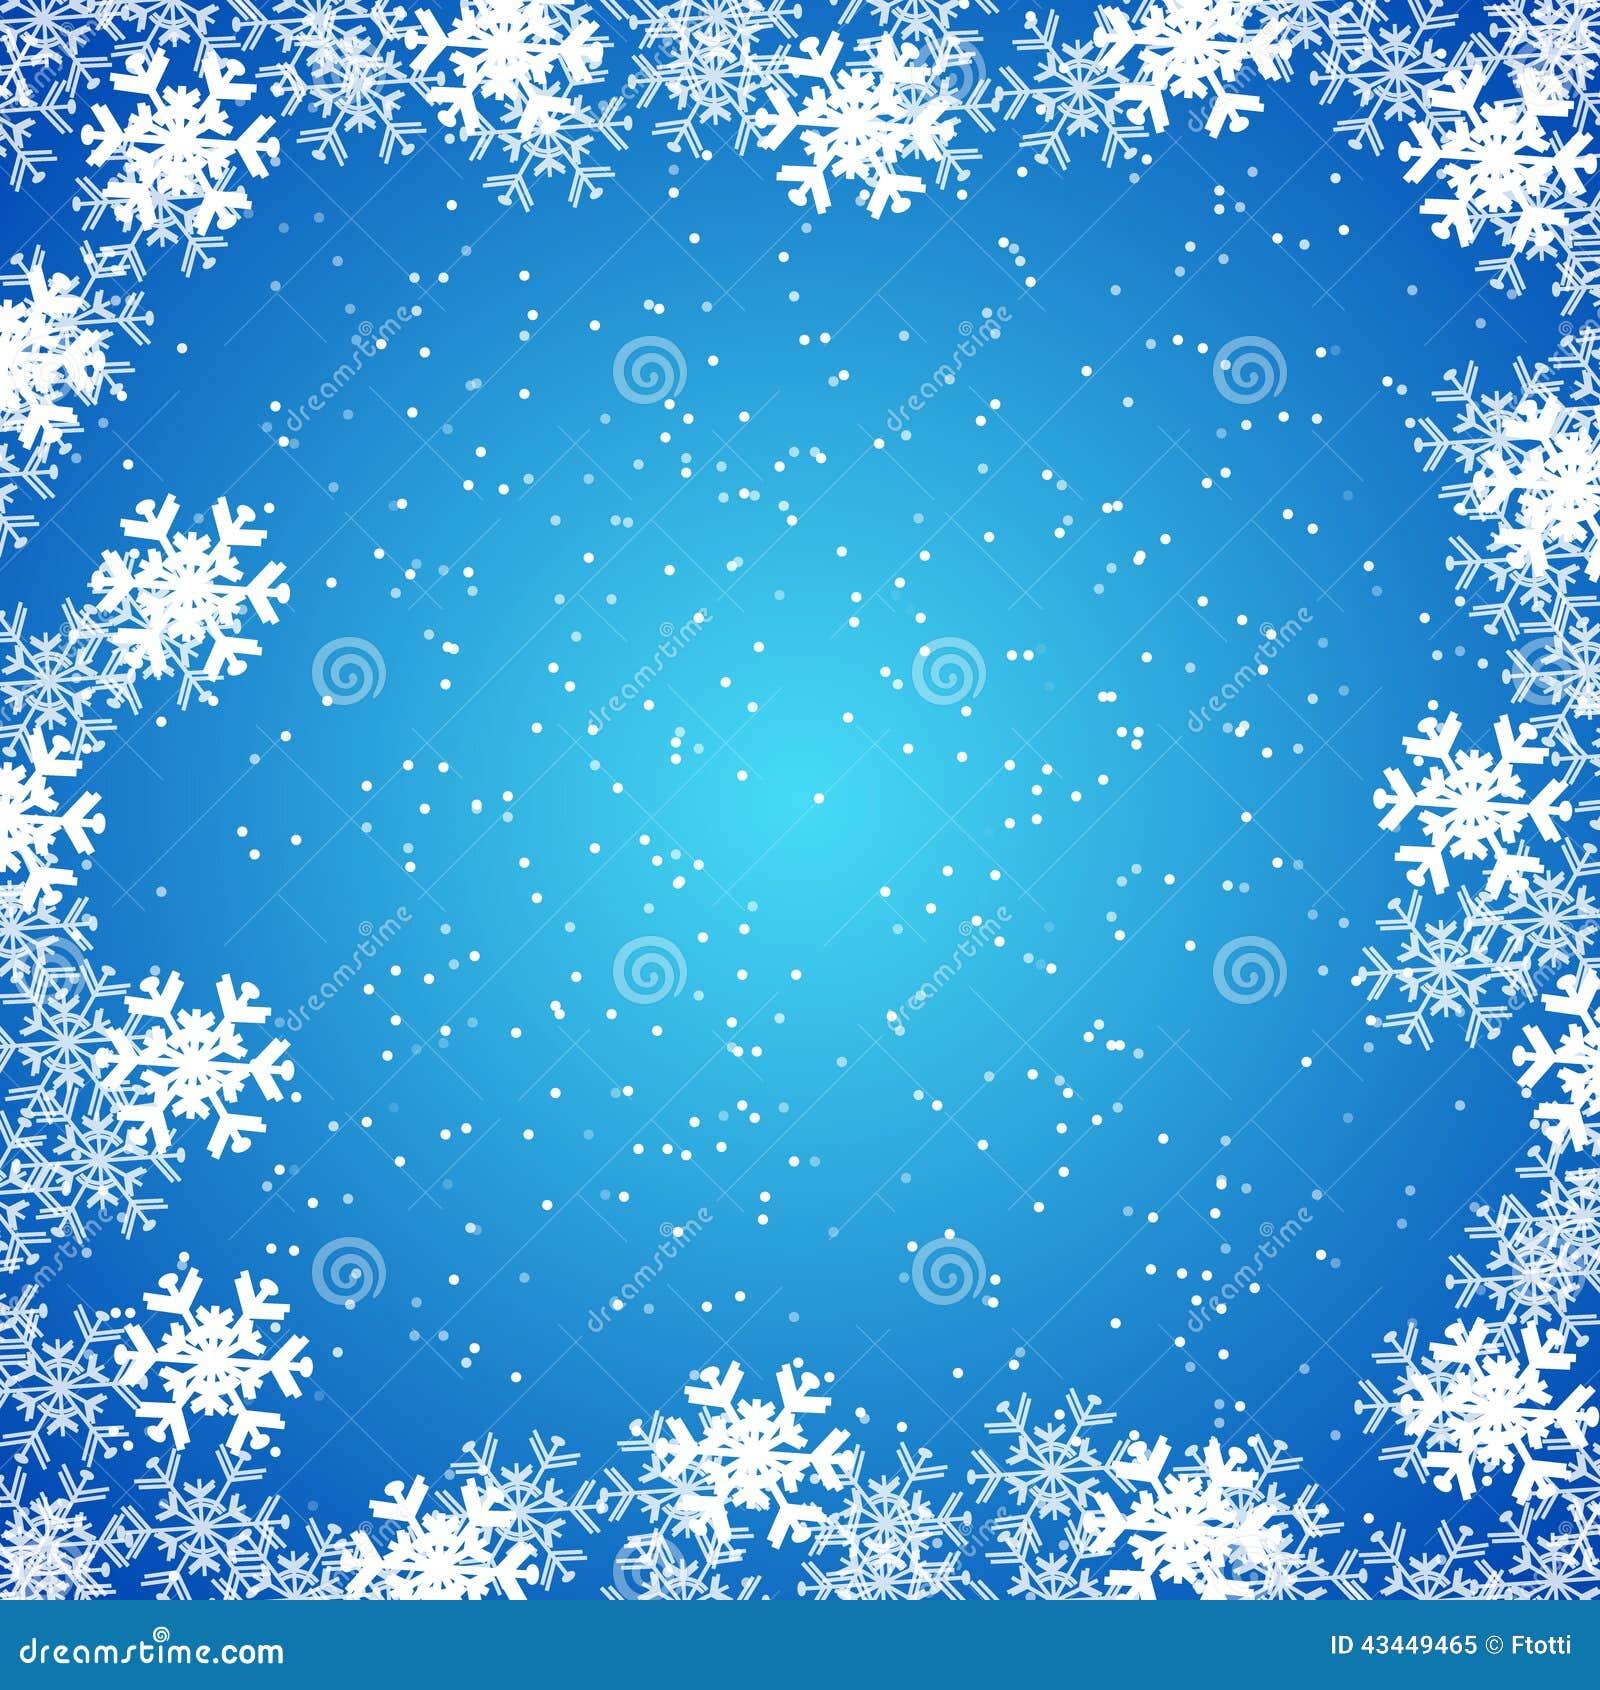 Papier peint de no l fond avec des flocons de neige illustration de vecteur image 43449465 - Papier peint reine des neiges ...